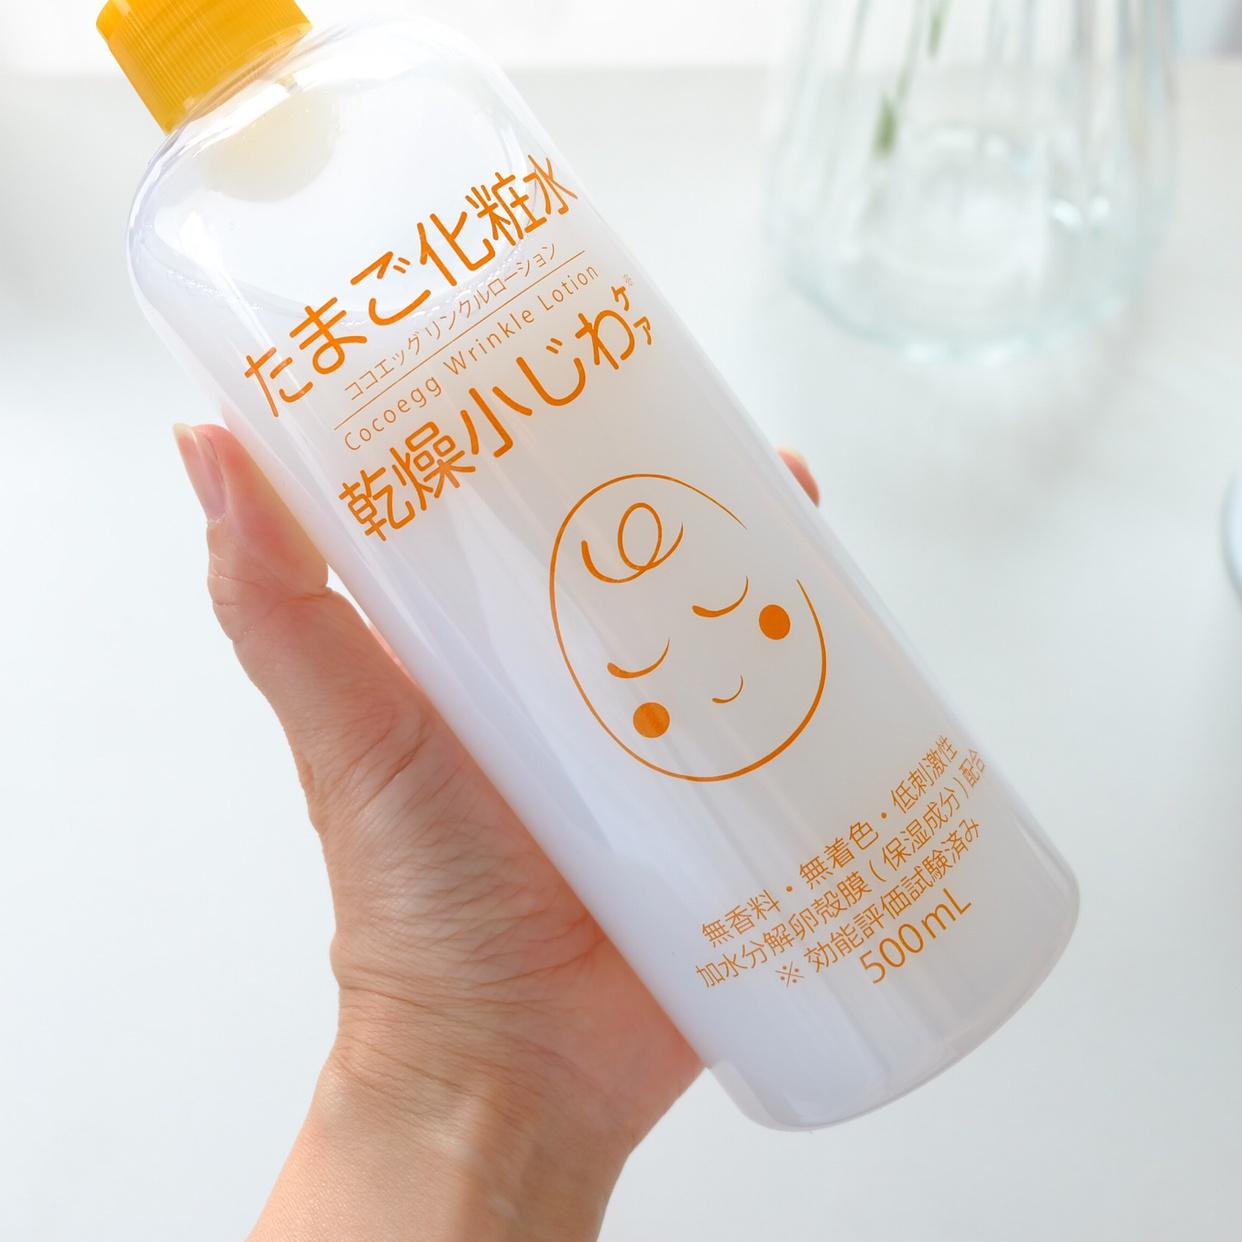 ココエッグ リンクルローション たまご化粧水を使ったkoharubiyoriさんのクチコミ画像1